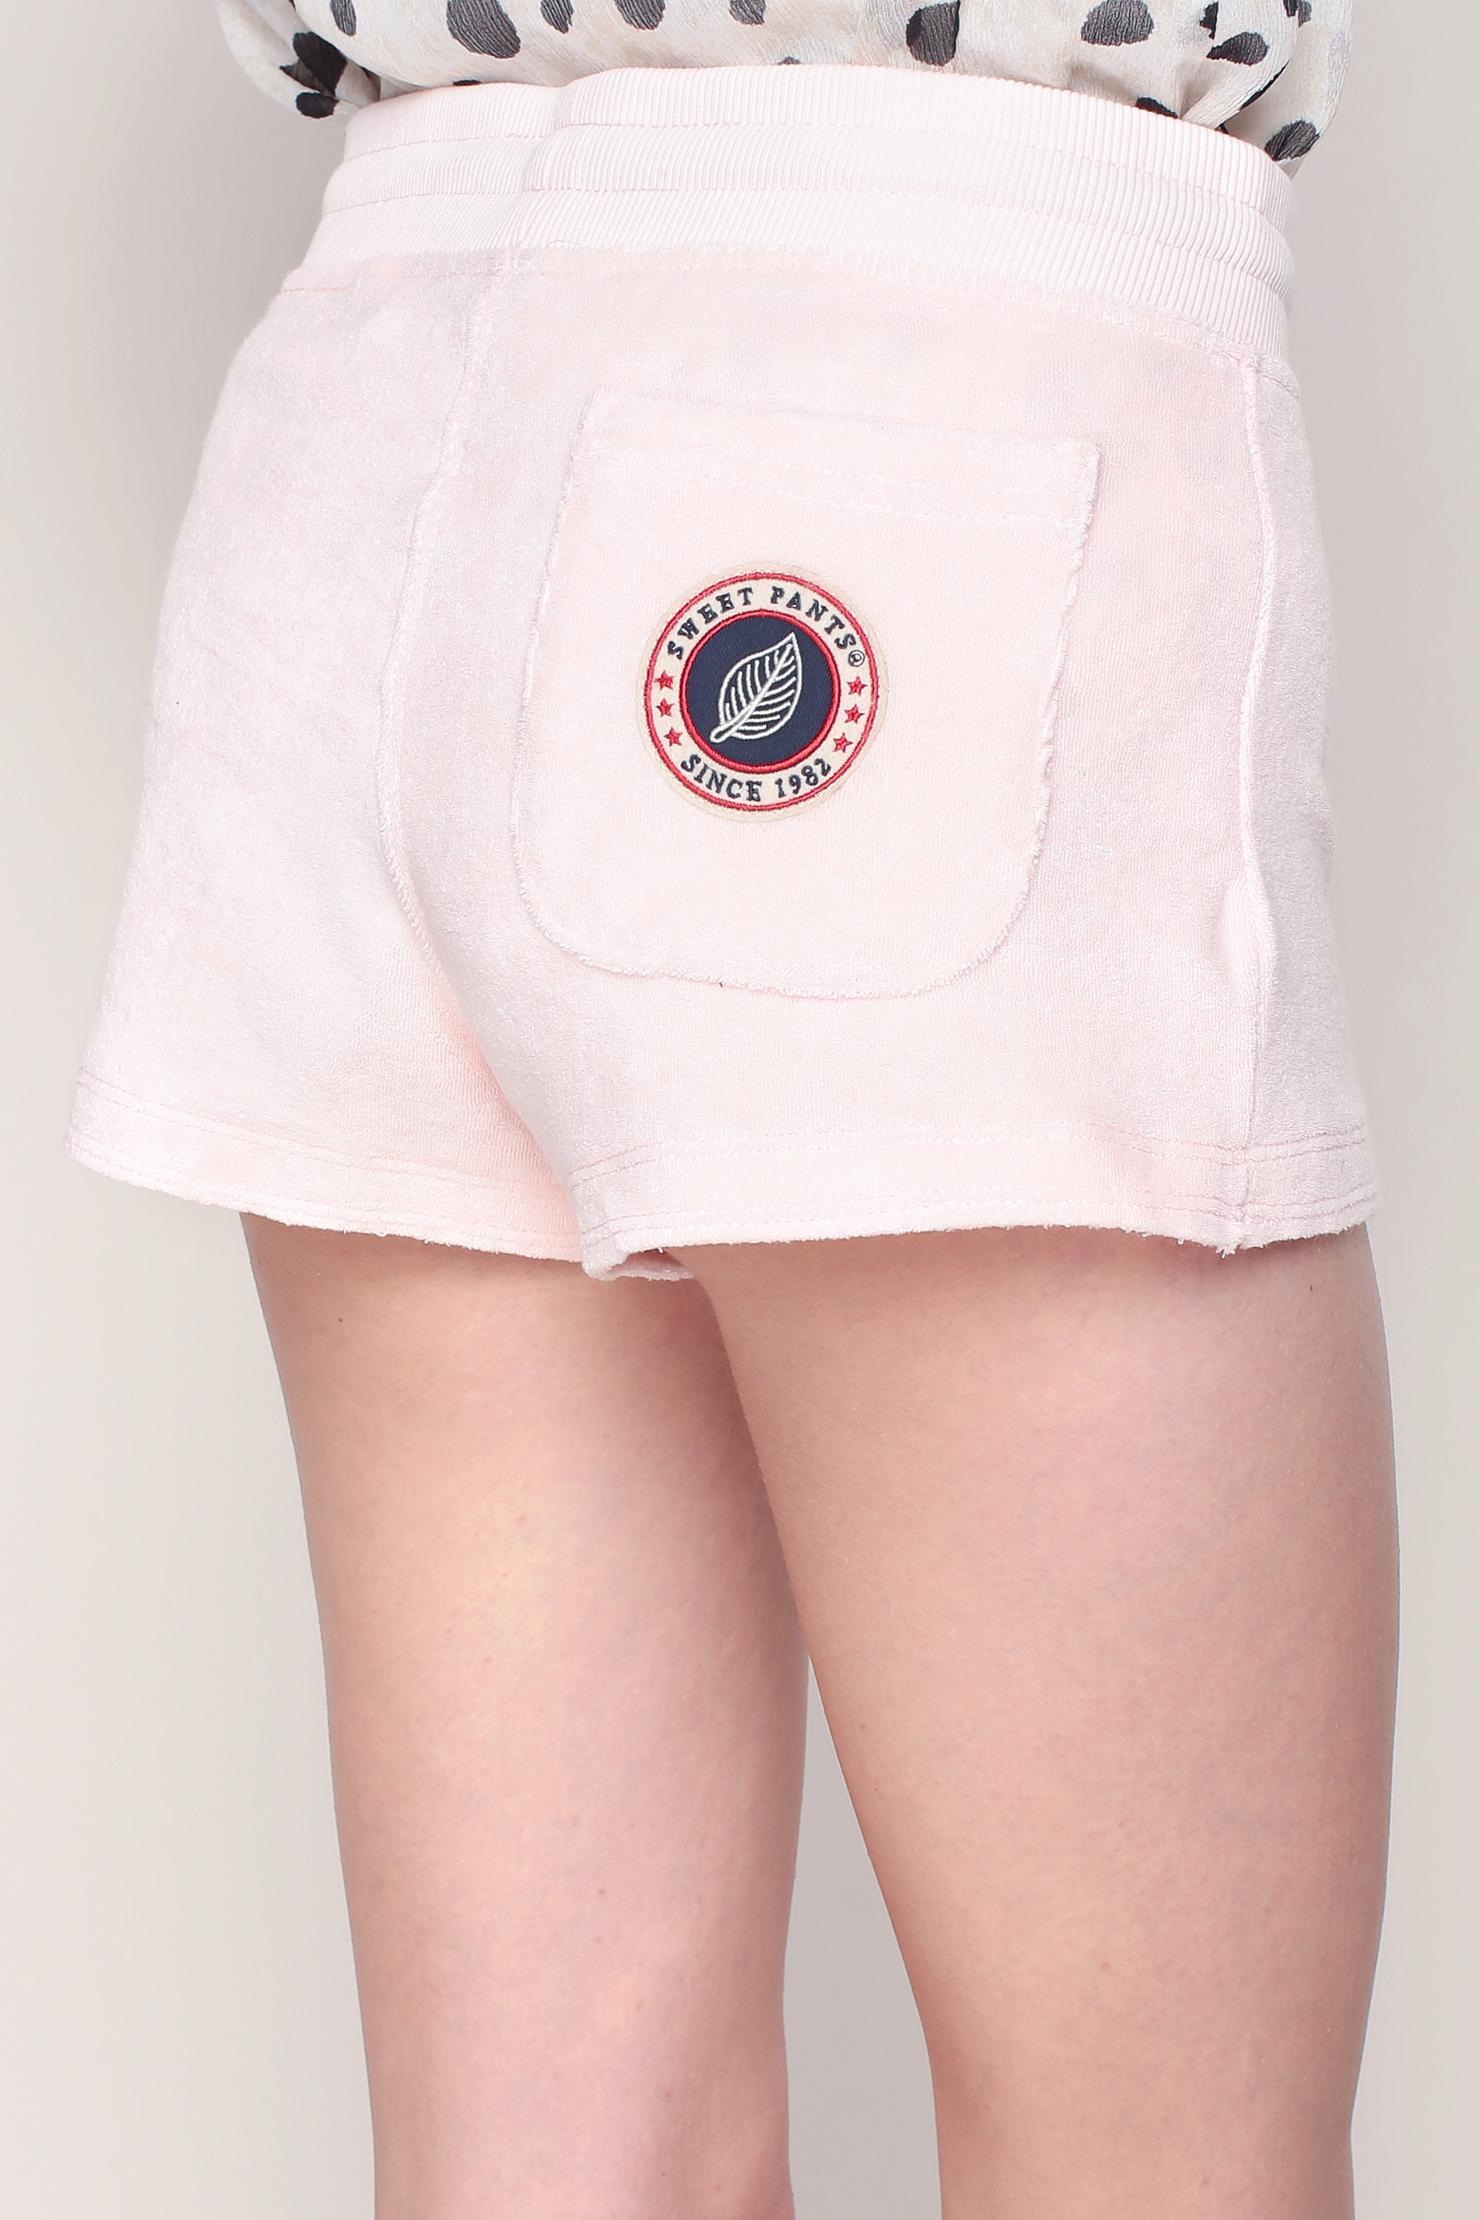 lyst sweet pants short short in pink. Black Bedroom Furniture Sets. Home Design Ideas